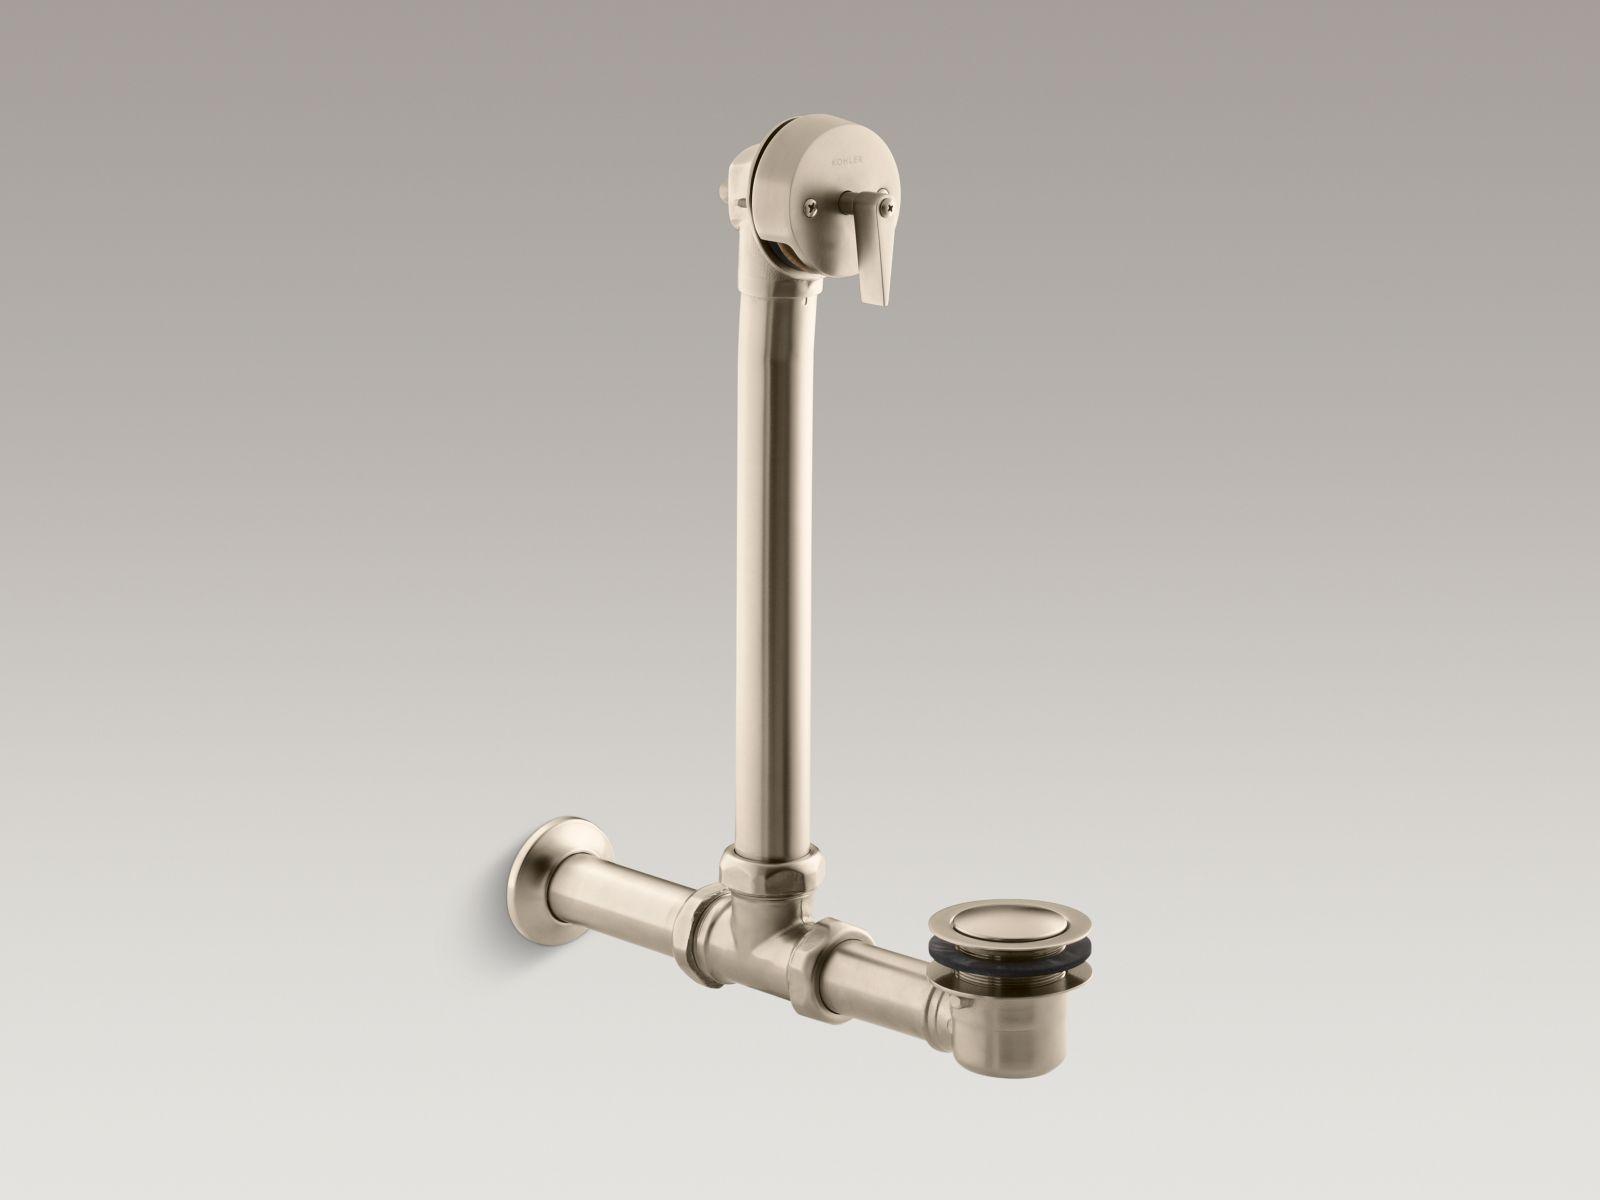 Kohler K-7104-BV Iron Works Exposed Bath Drain for Above-The-Floor Installation Vibrant Brushed Bronze